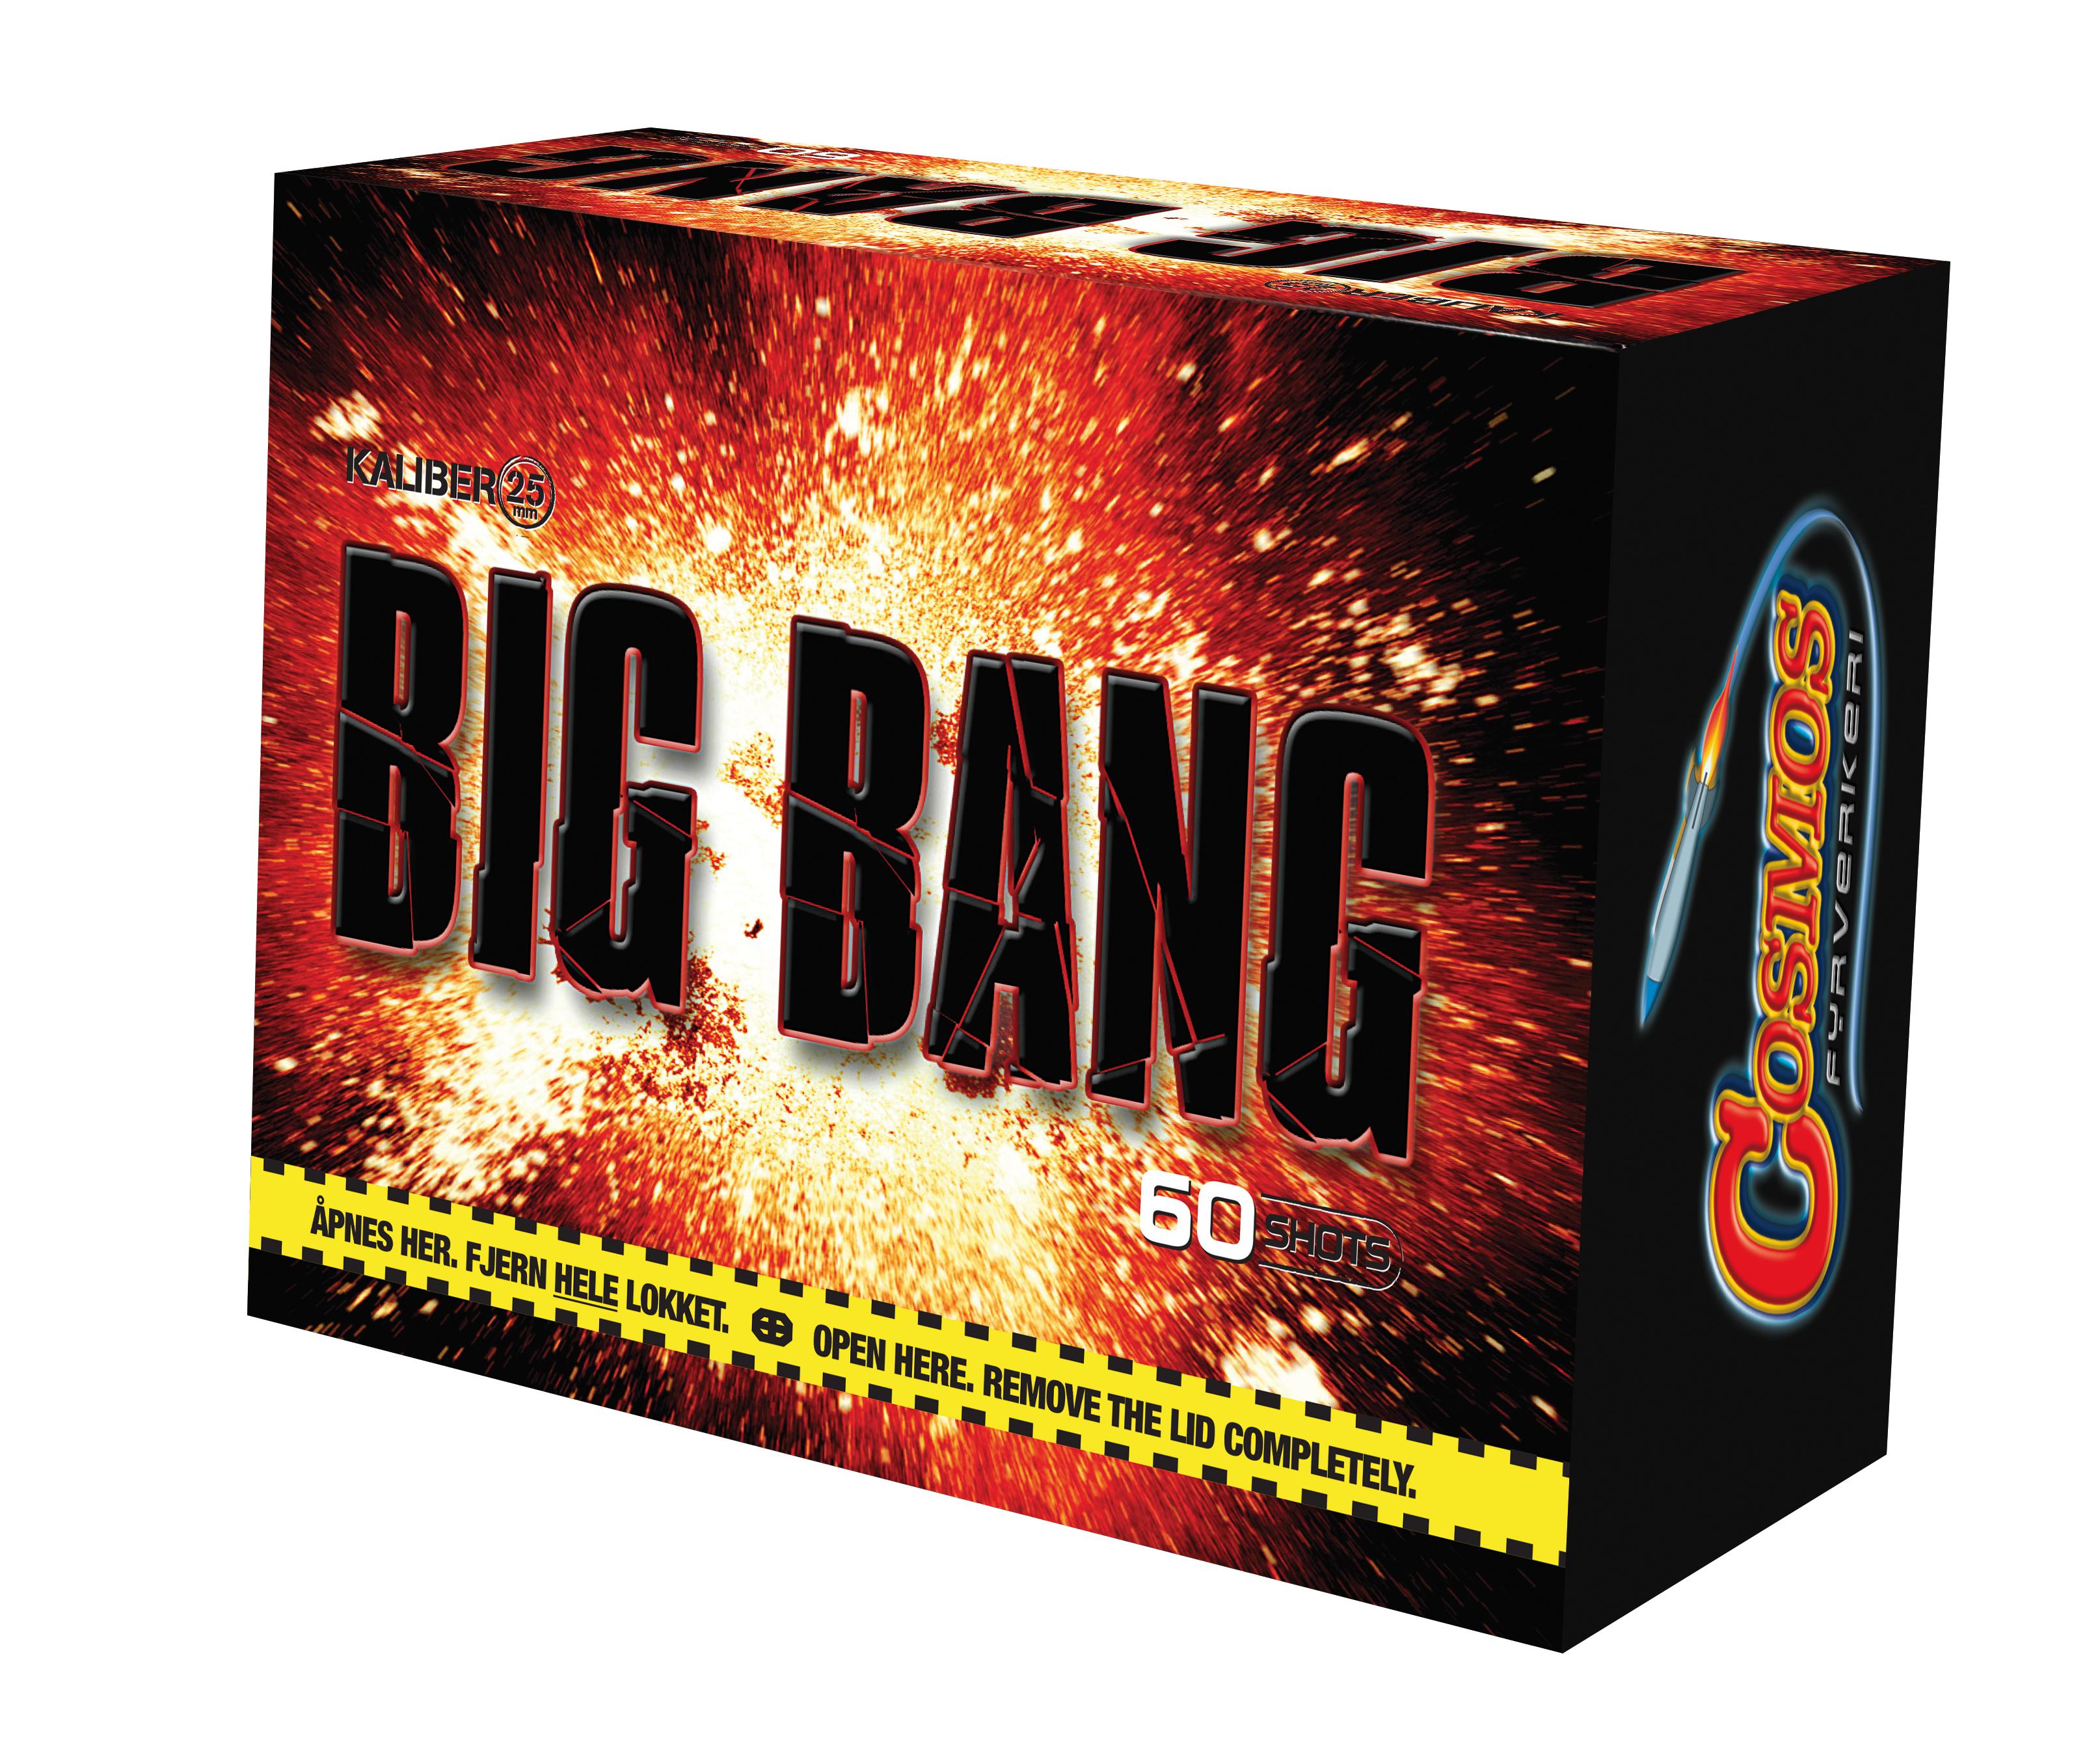 616-bigBang kopi